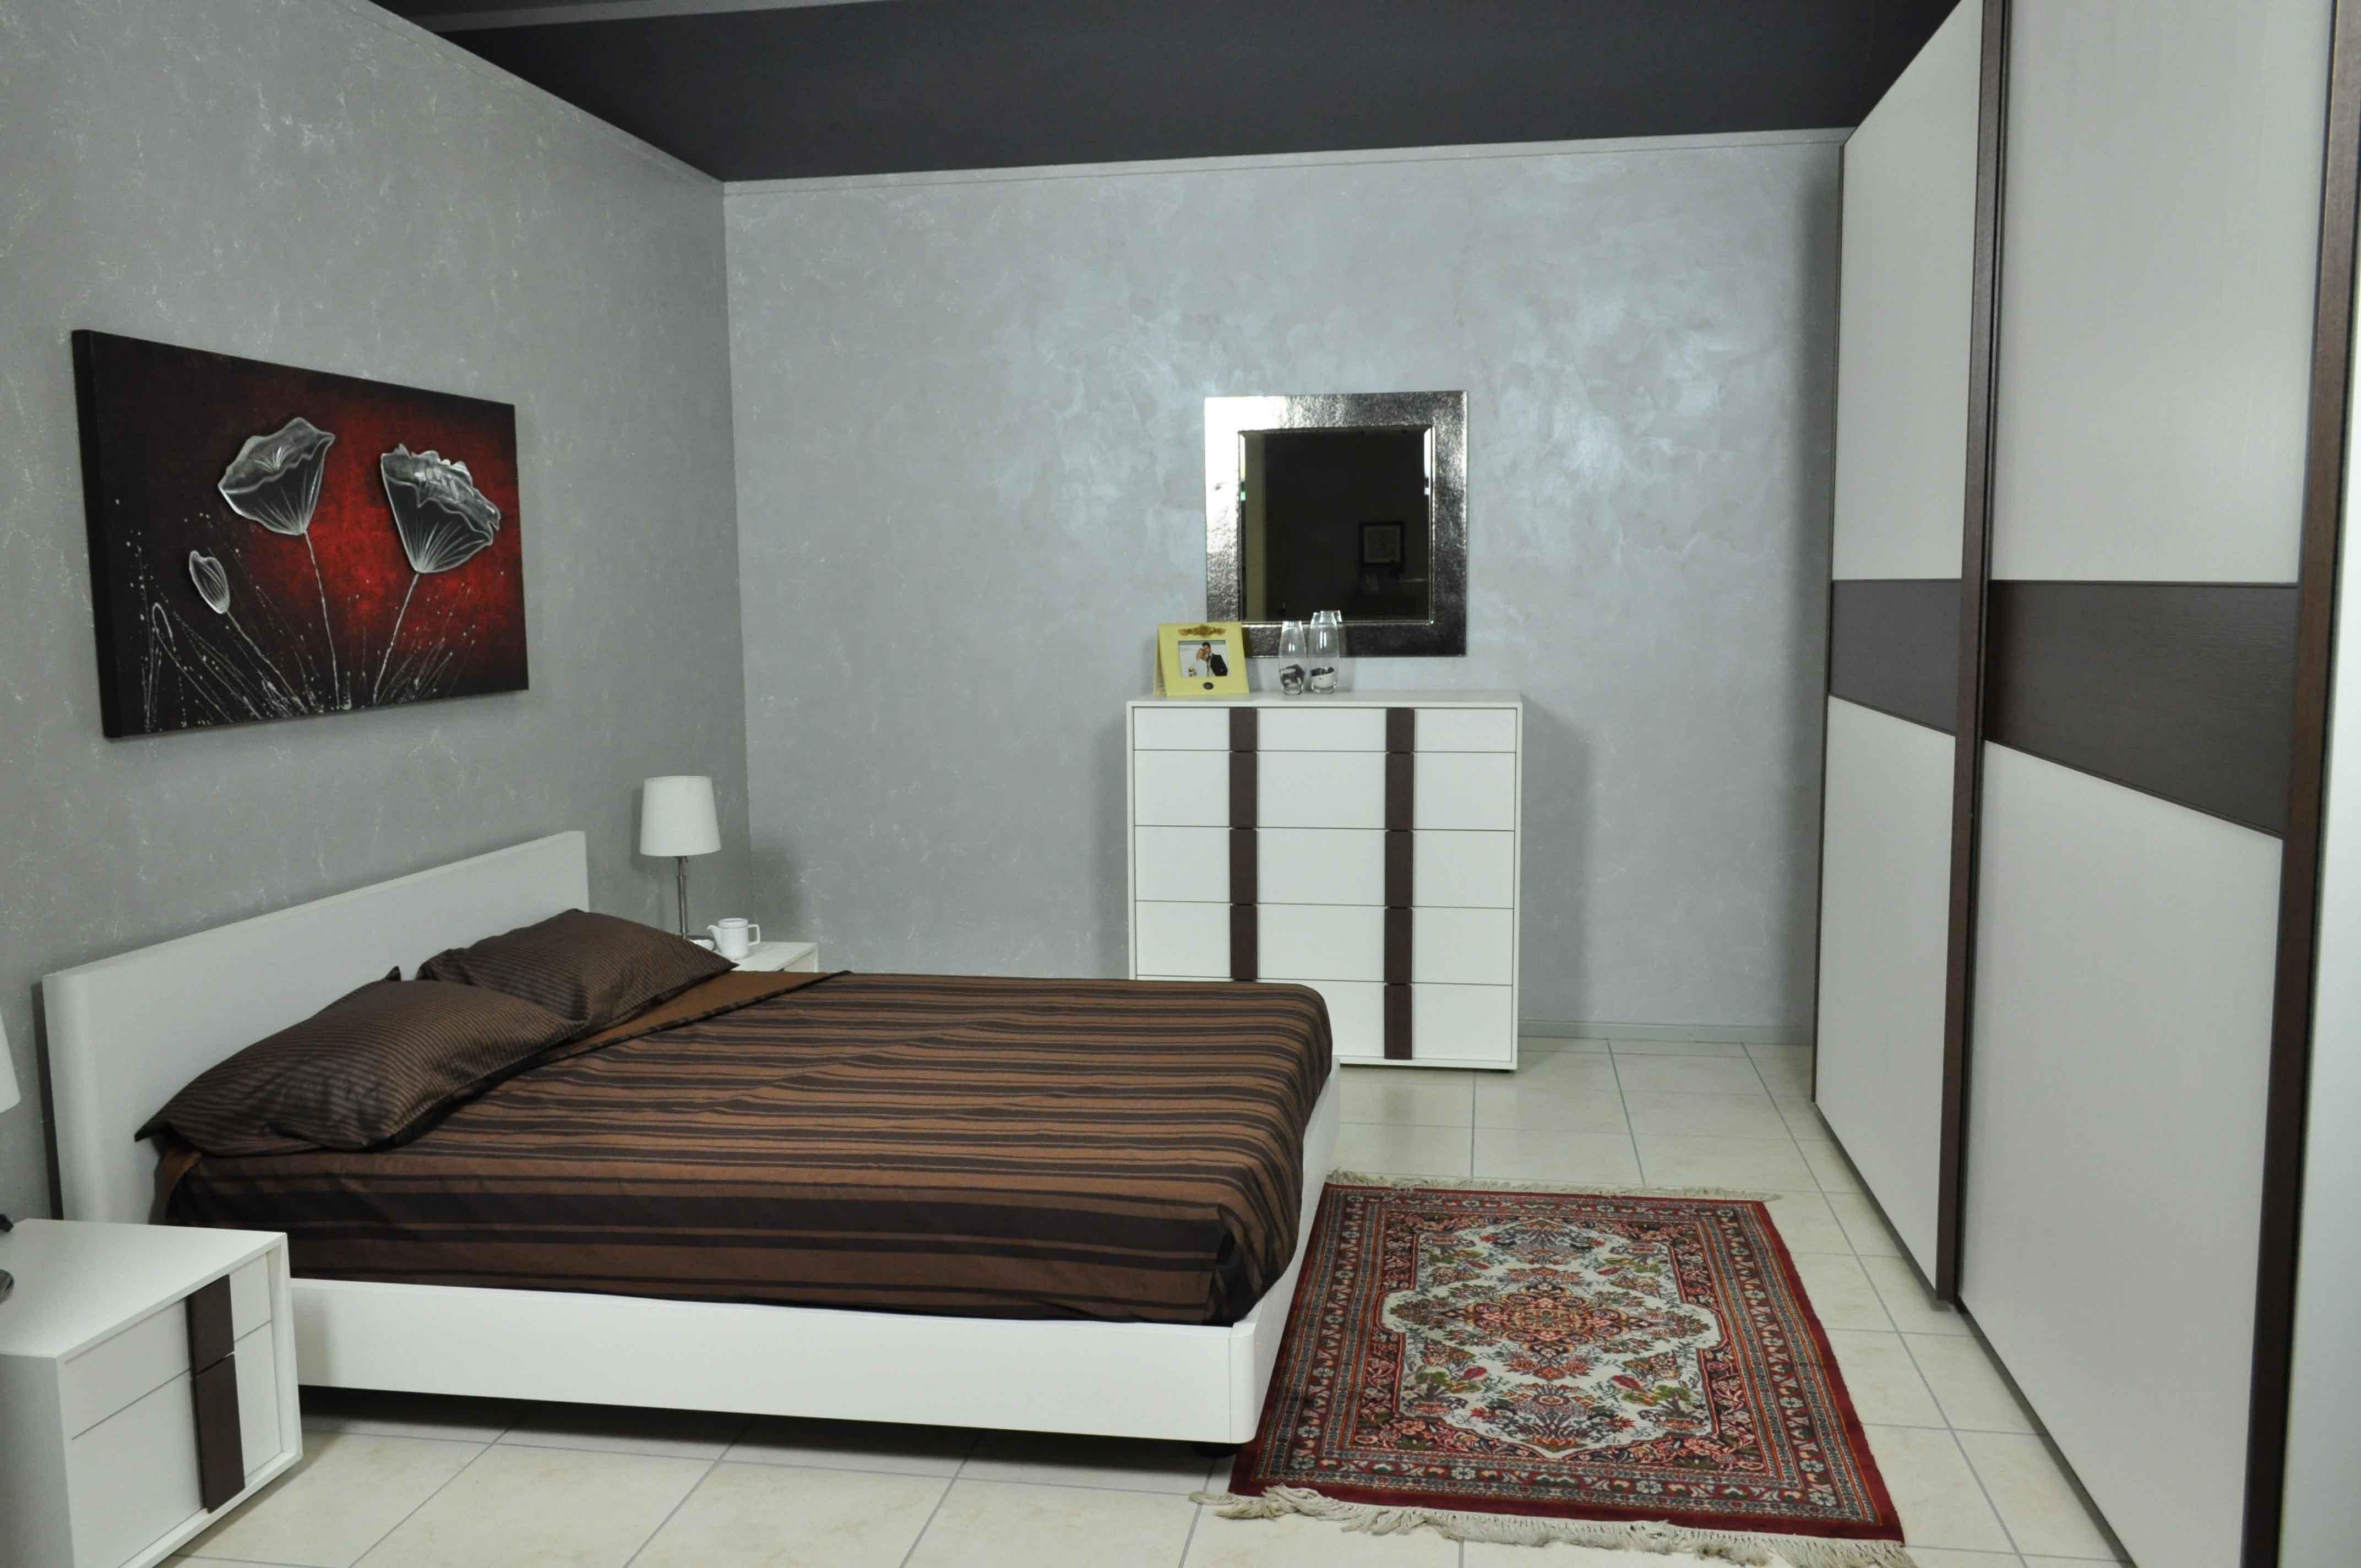 camera matrimoniale completa di colombini vitalyty